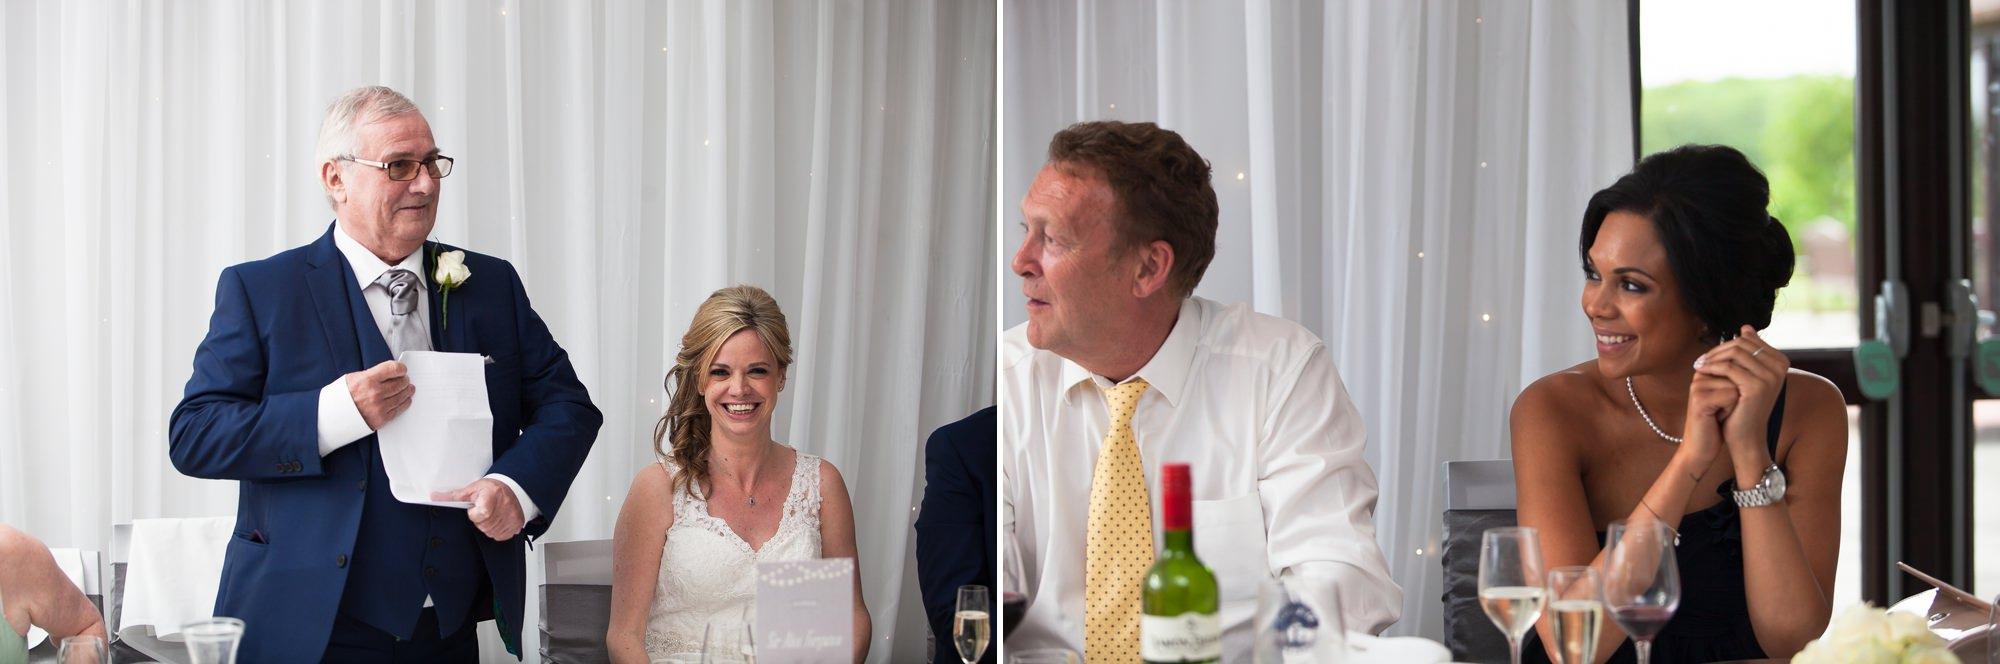 farleigh-golf-club-wedding-15